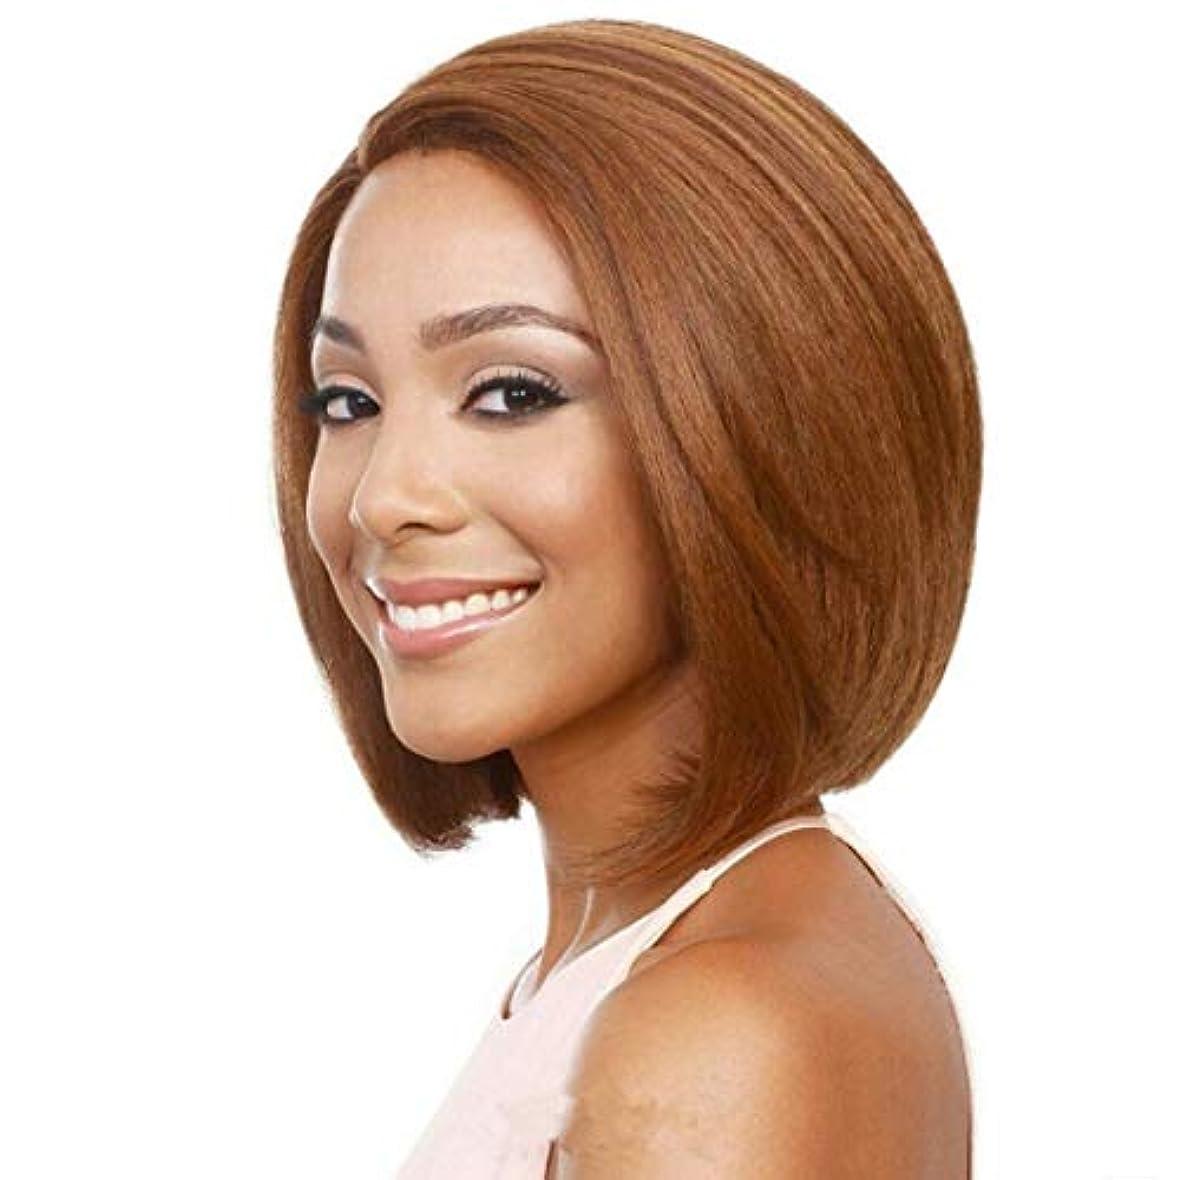 引き出す分子ファンKerwinner 前髪合成耐熱性女性のヘアスタイルと短いふわふわボブ変態ストレートヘアウィッグ (Color : Light Brown)